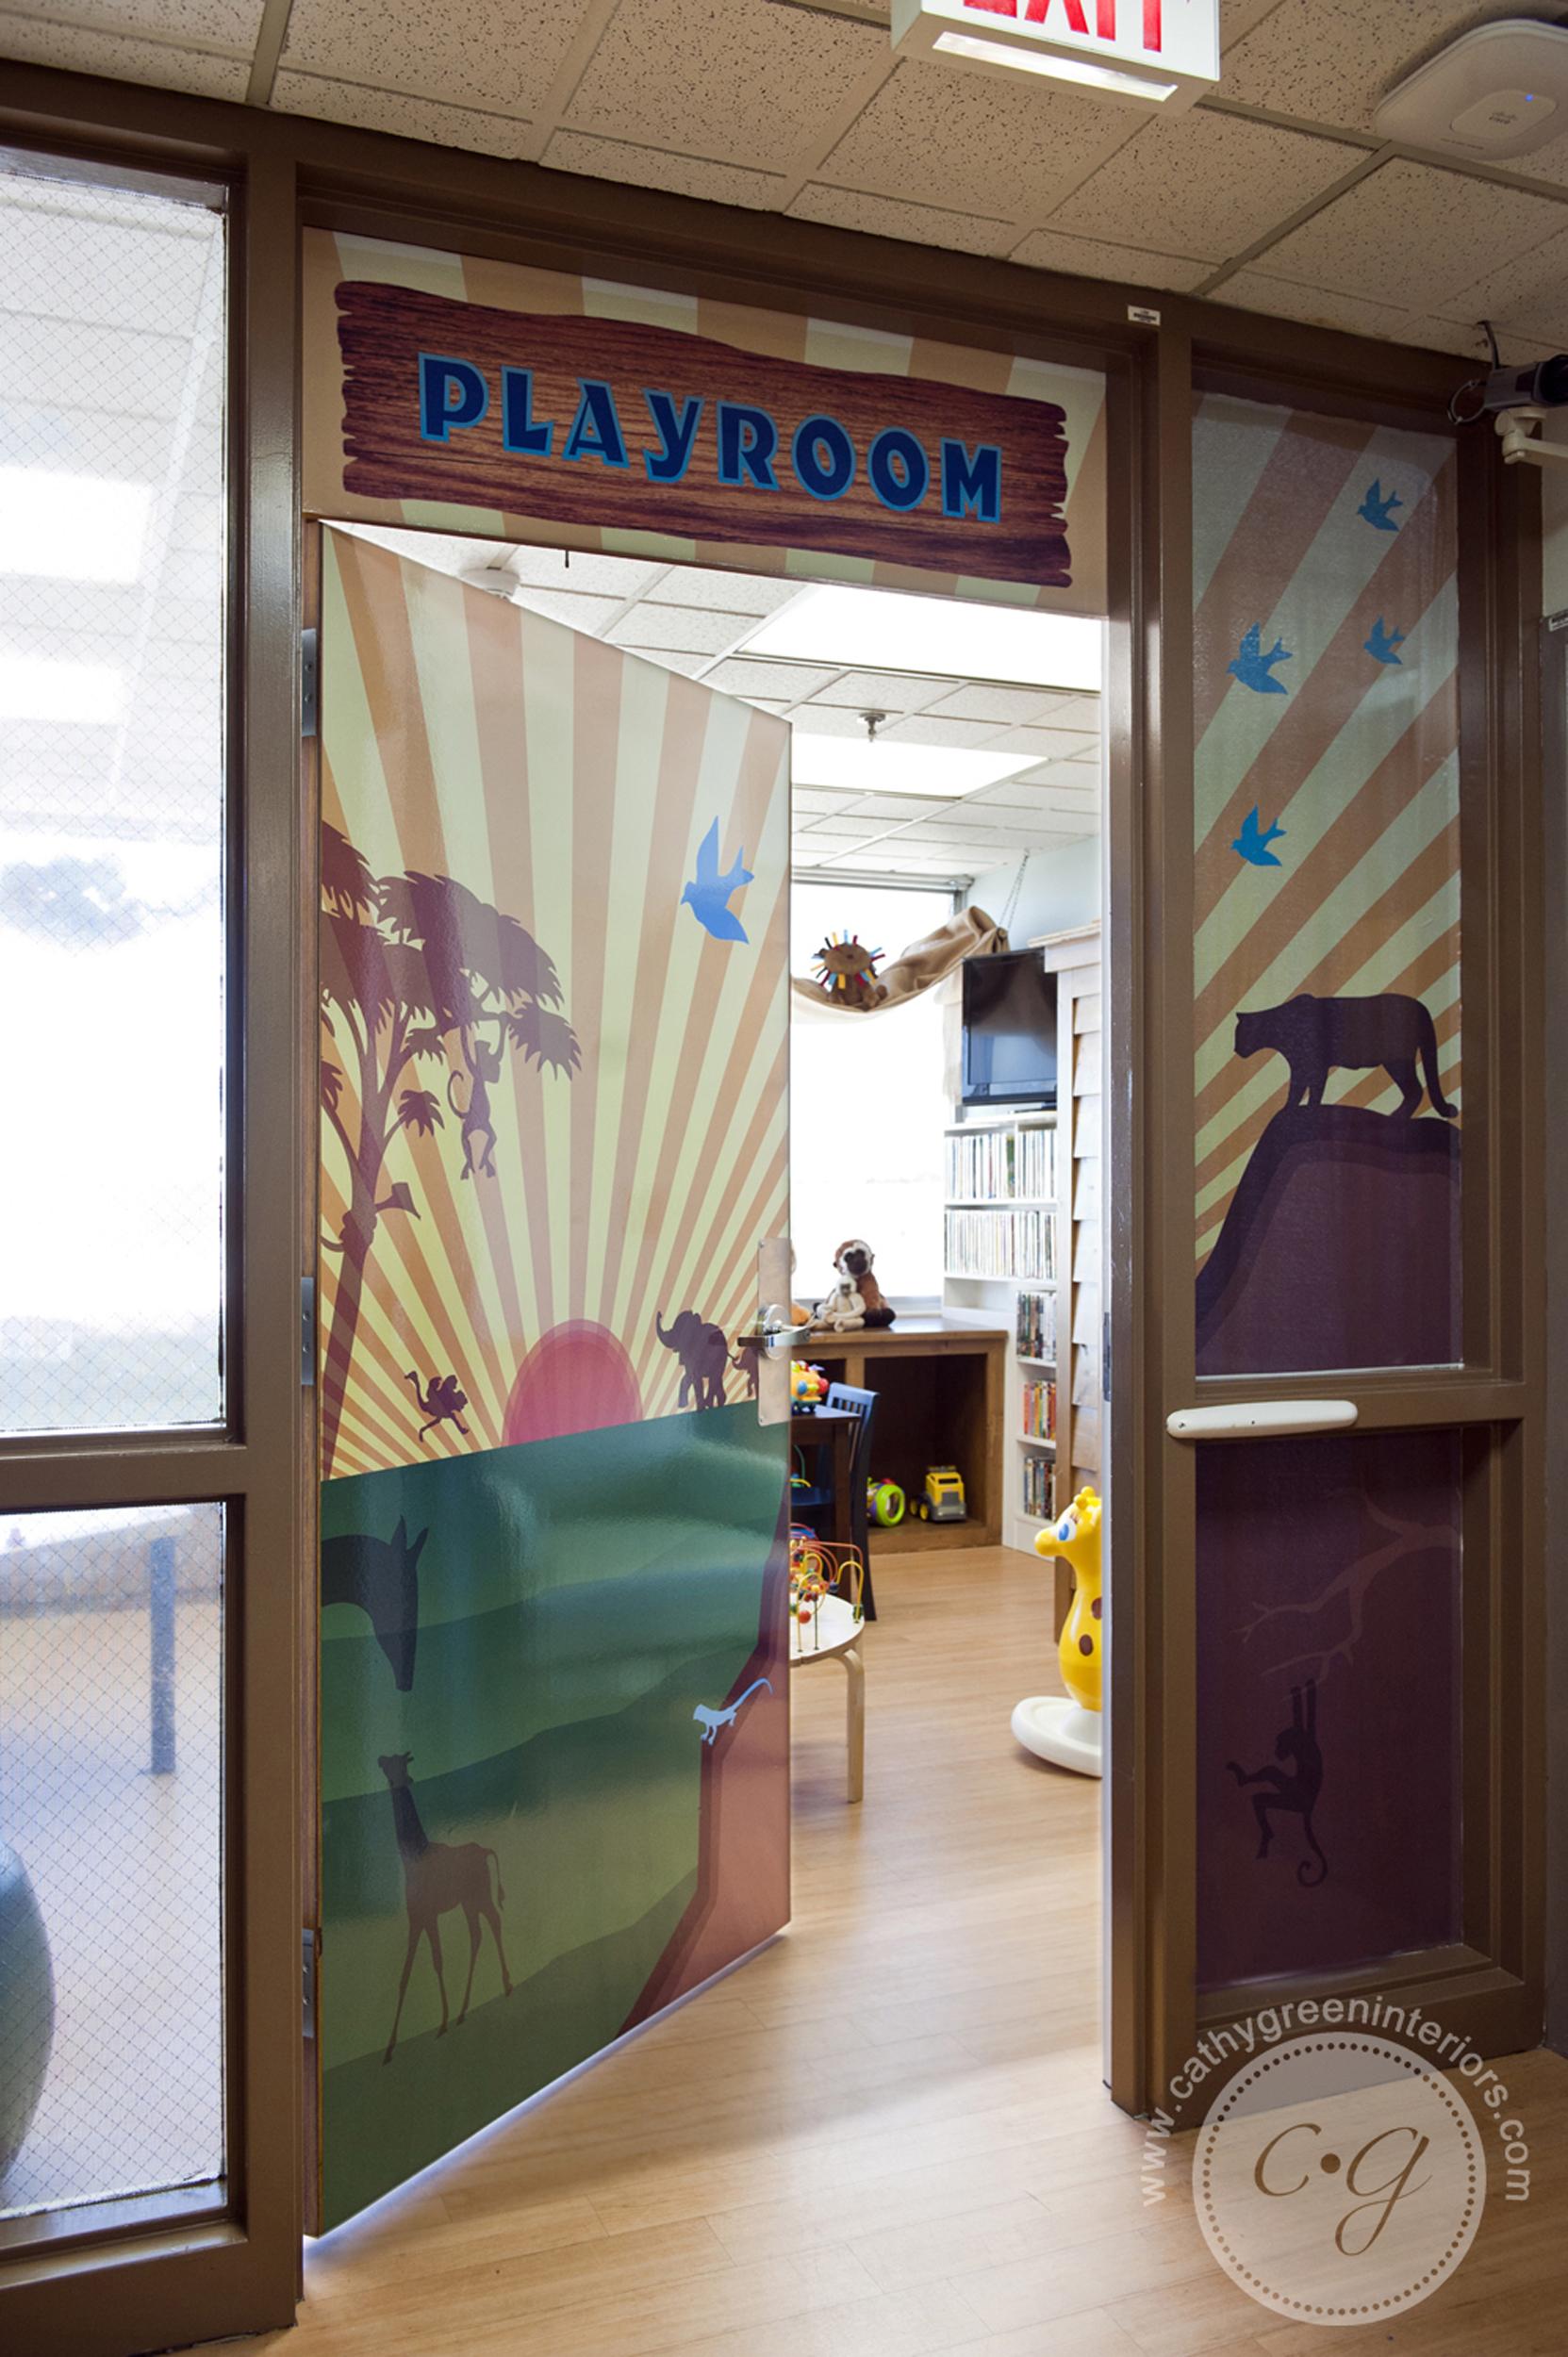 Chippenham Hospital Playroom door - Richmond, VA